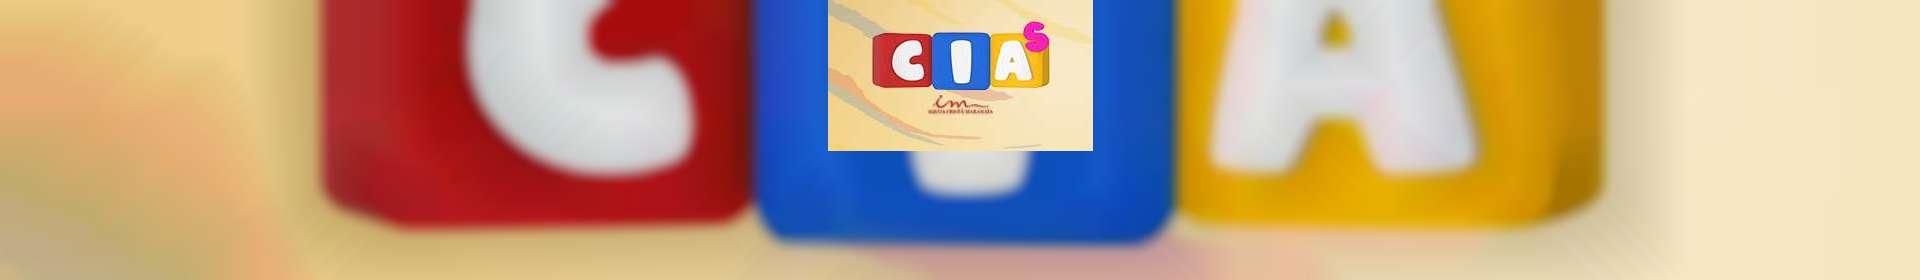 Aula de CIAS: classe de 3 a 7 anos - 09 de abril de 2020